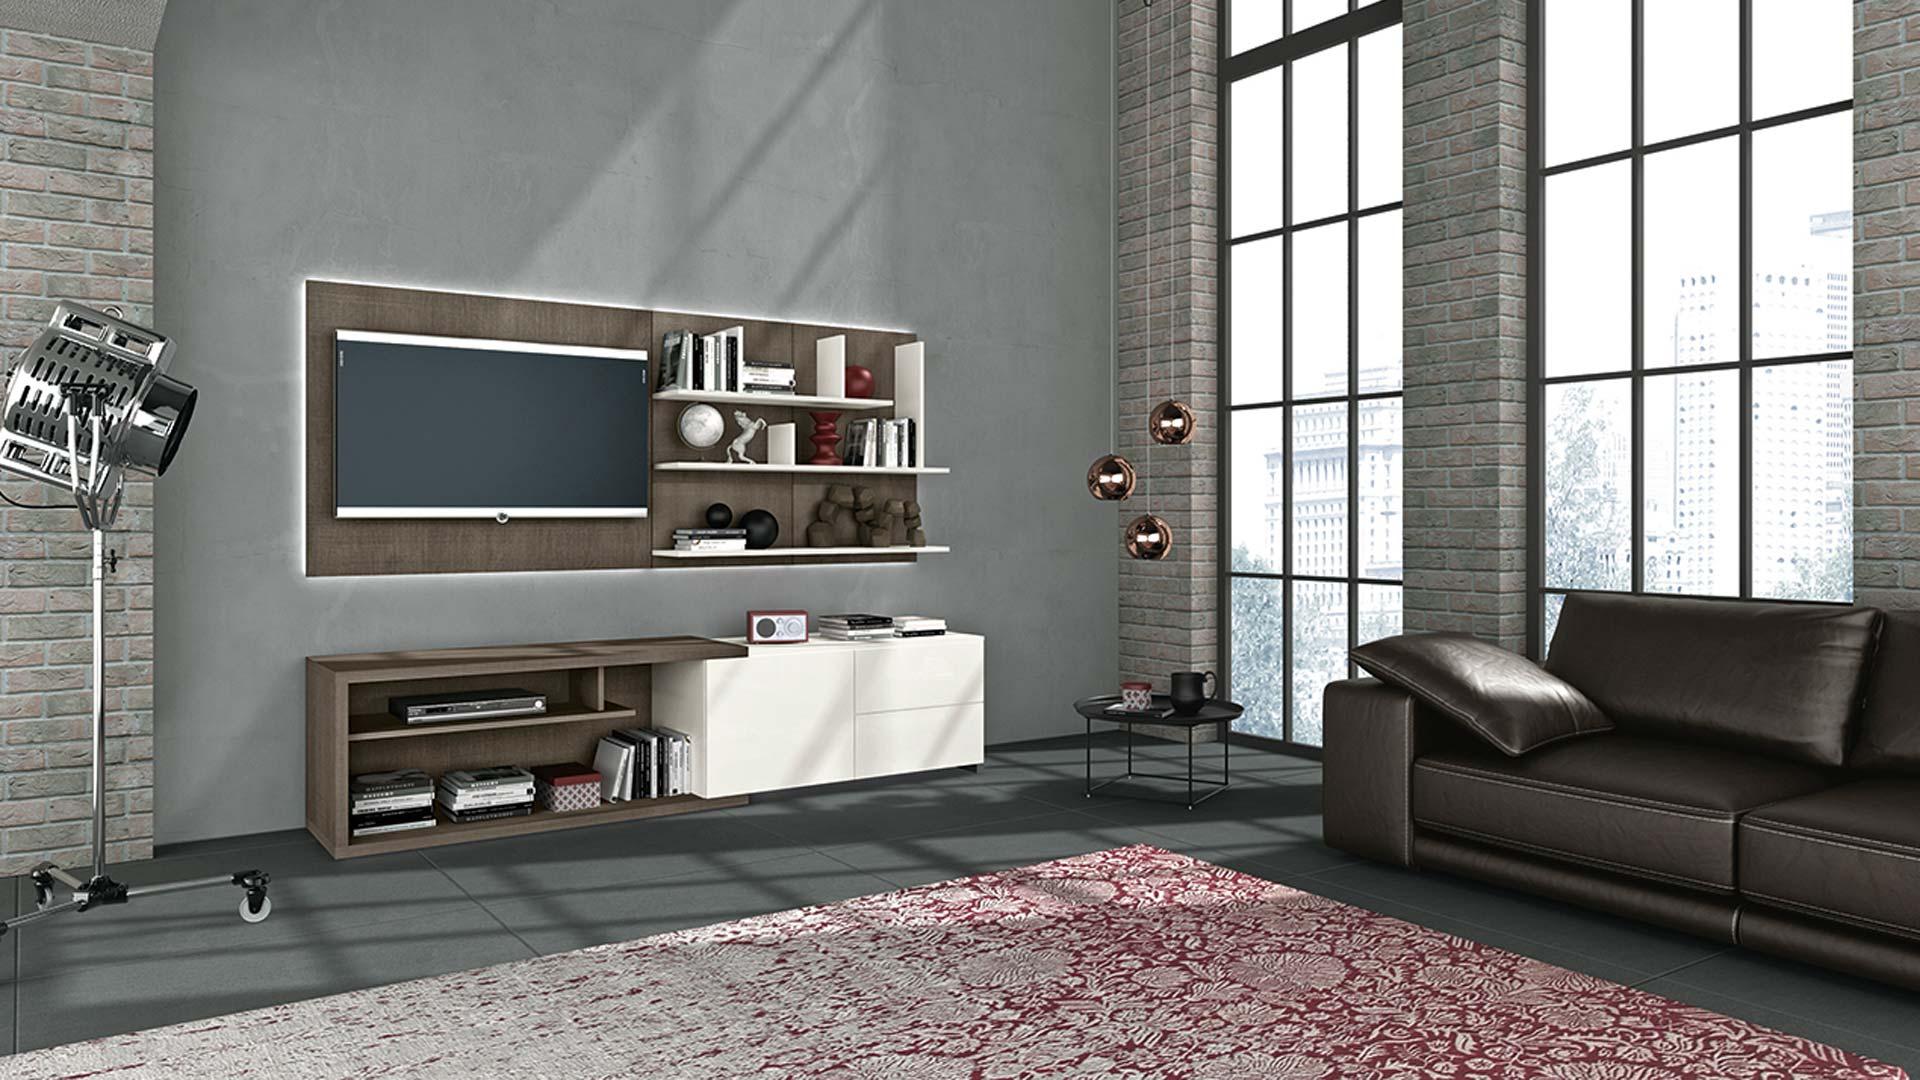 SONEGO Soggiorni Moderni SOGGIORNI APP LIVING - shop online su GranCasa